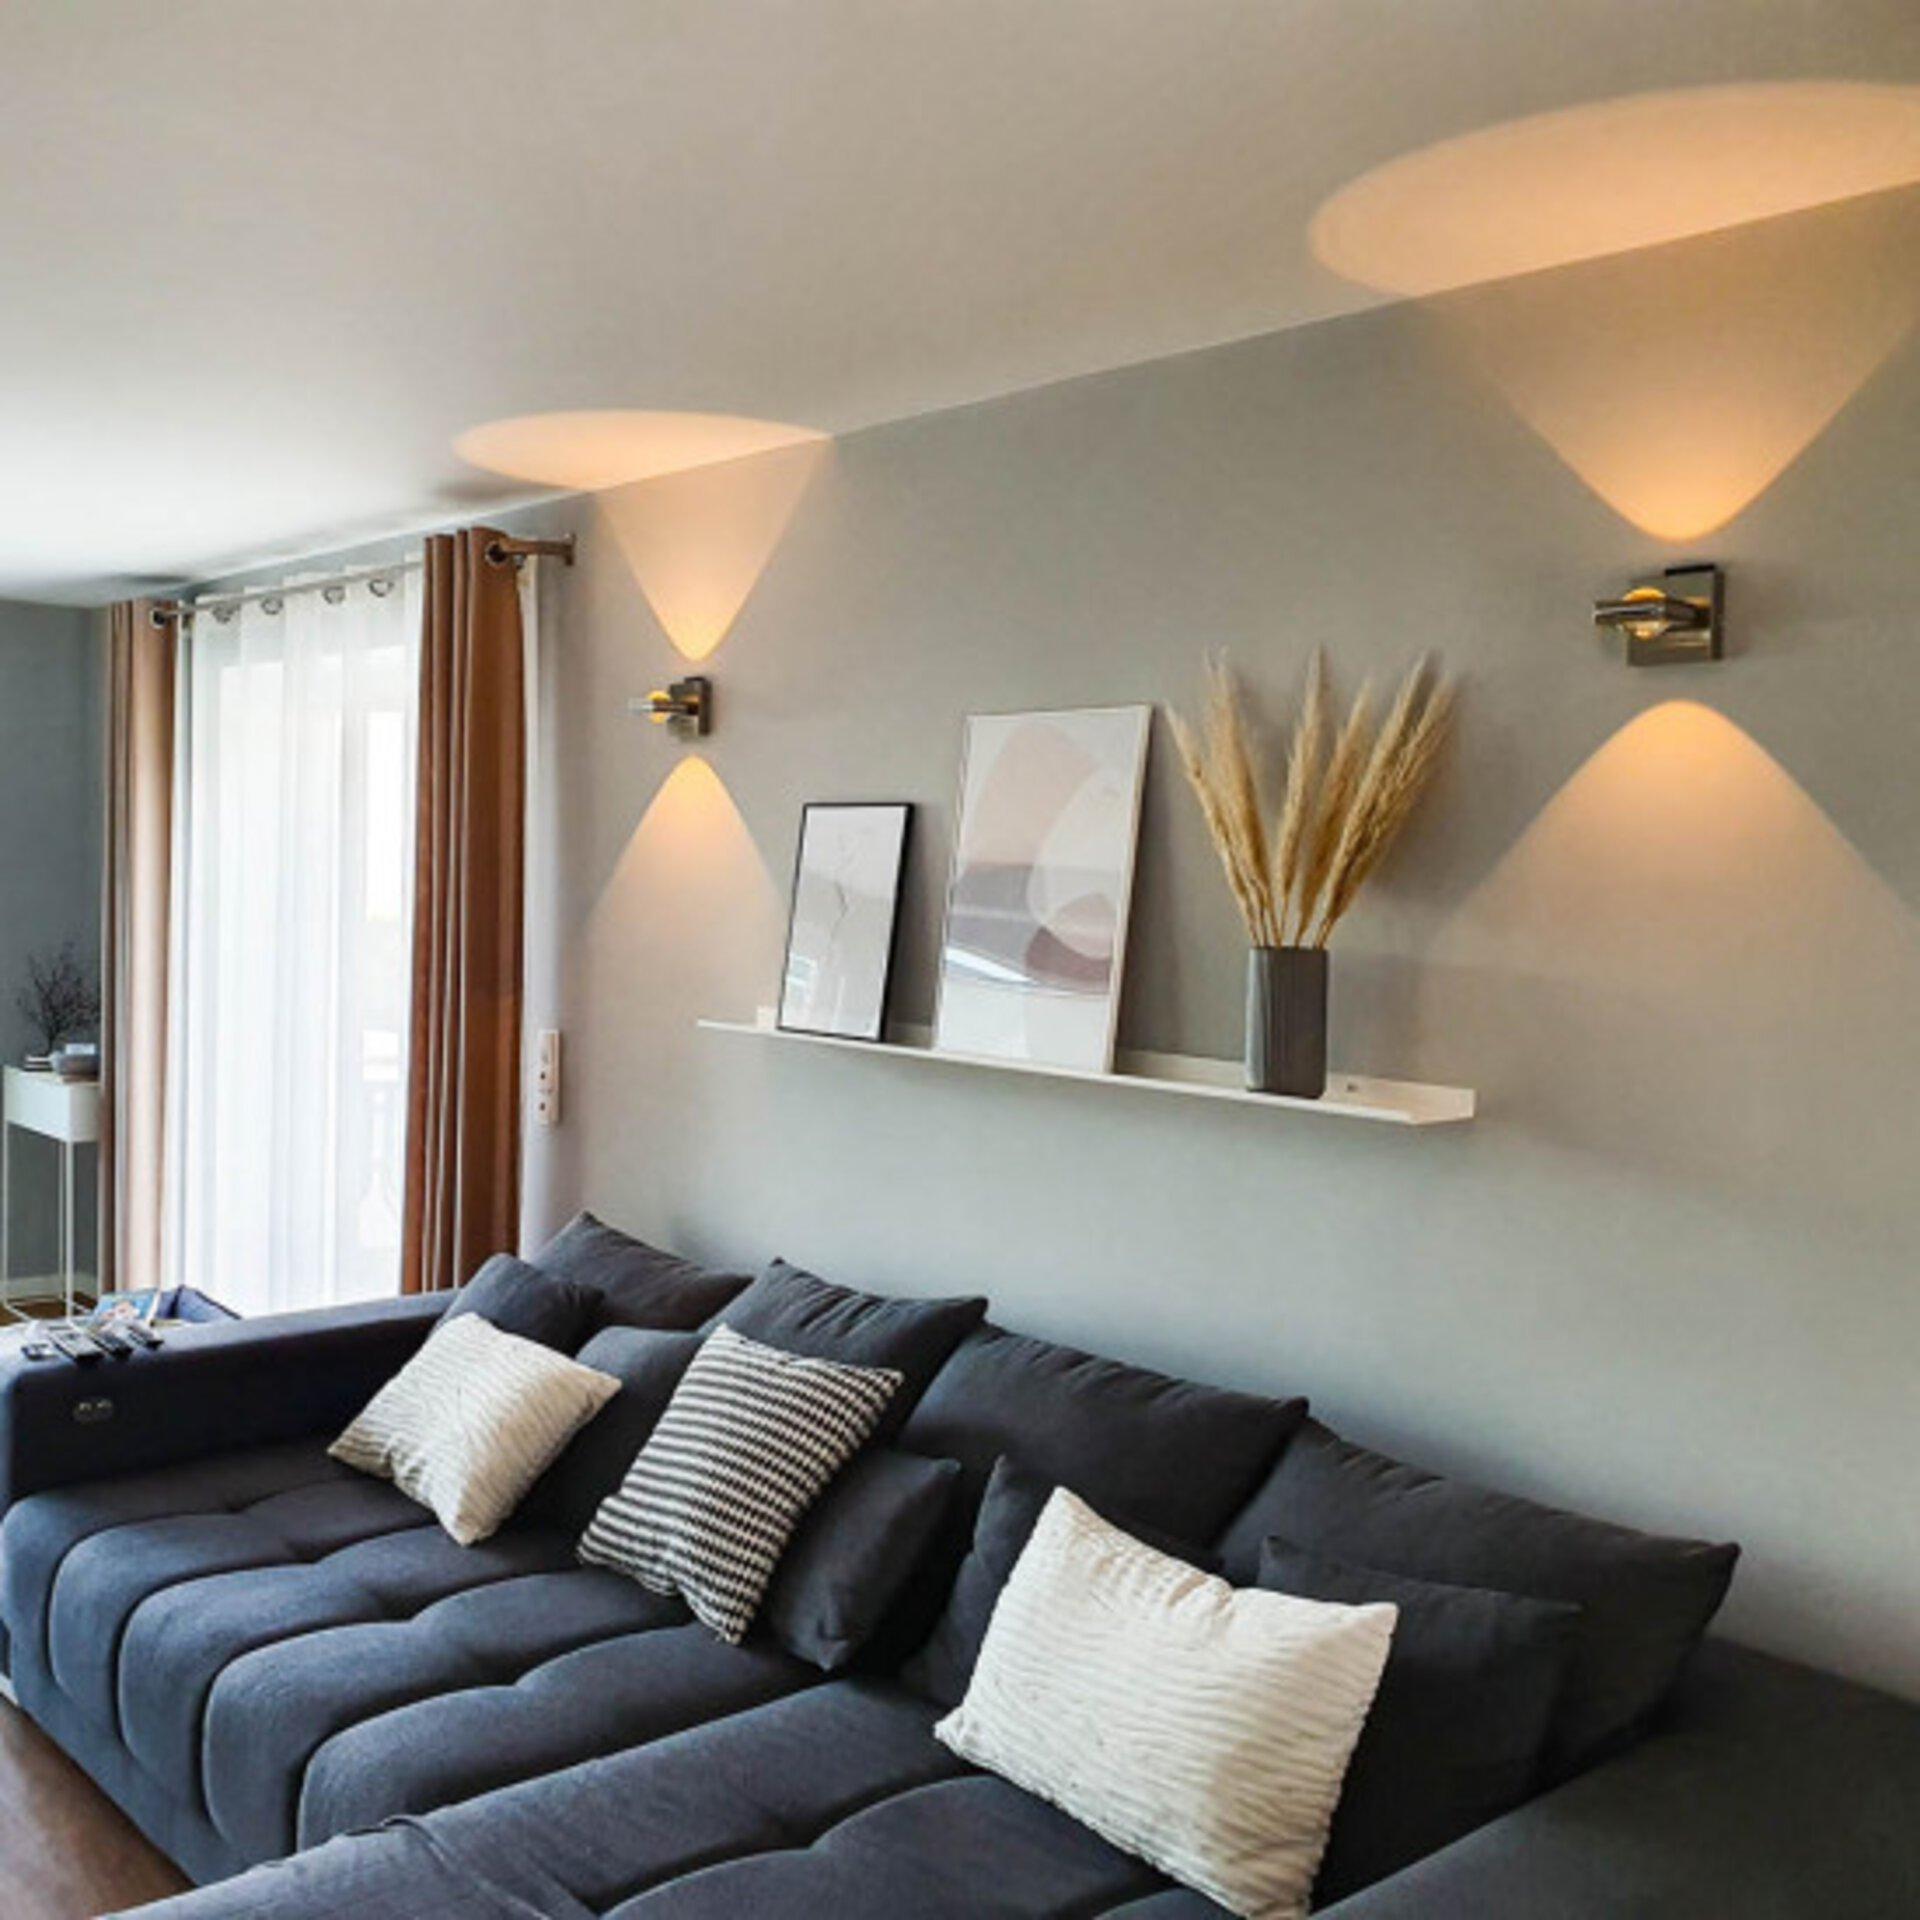 Smart-Home-Leuchten Q-FISHEYE Paul Neuhaus Metall silber 11 x 11 x 15 cm